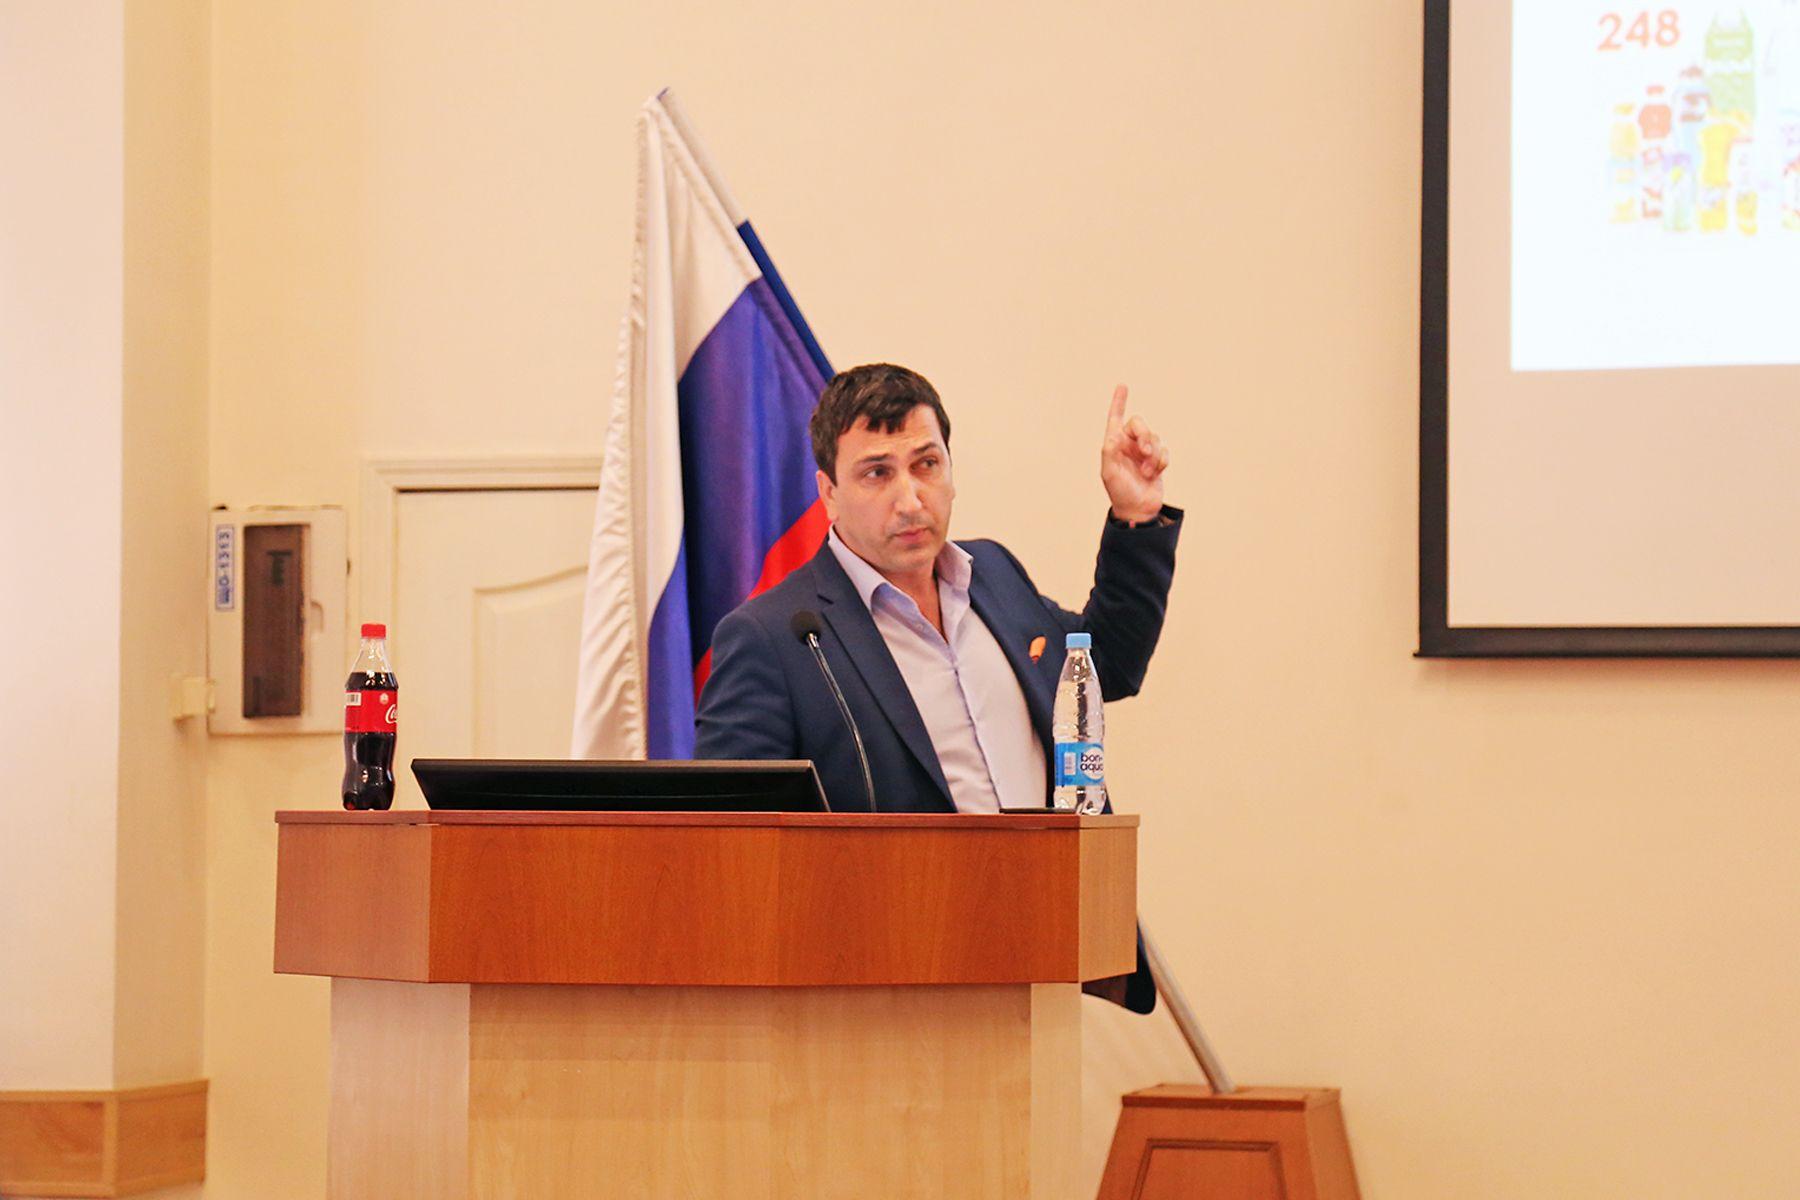 Андрей Ширант, приглашенный спикер ВГУЭС: «Перспективы карьерного роста есть у всех»